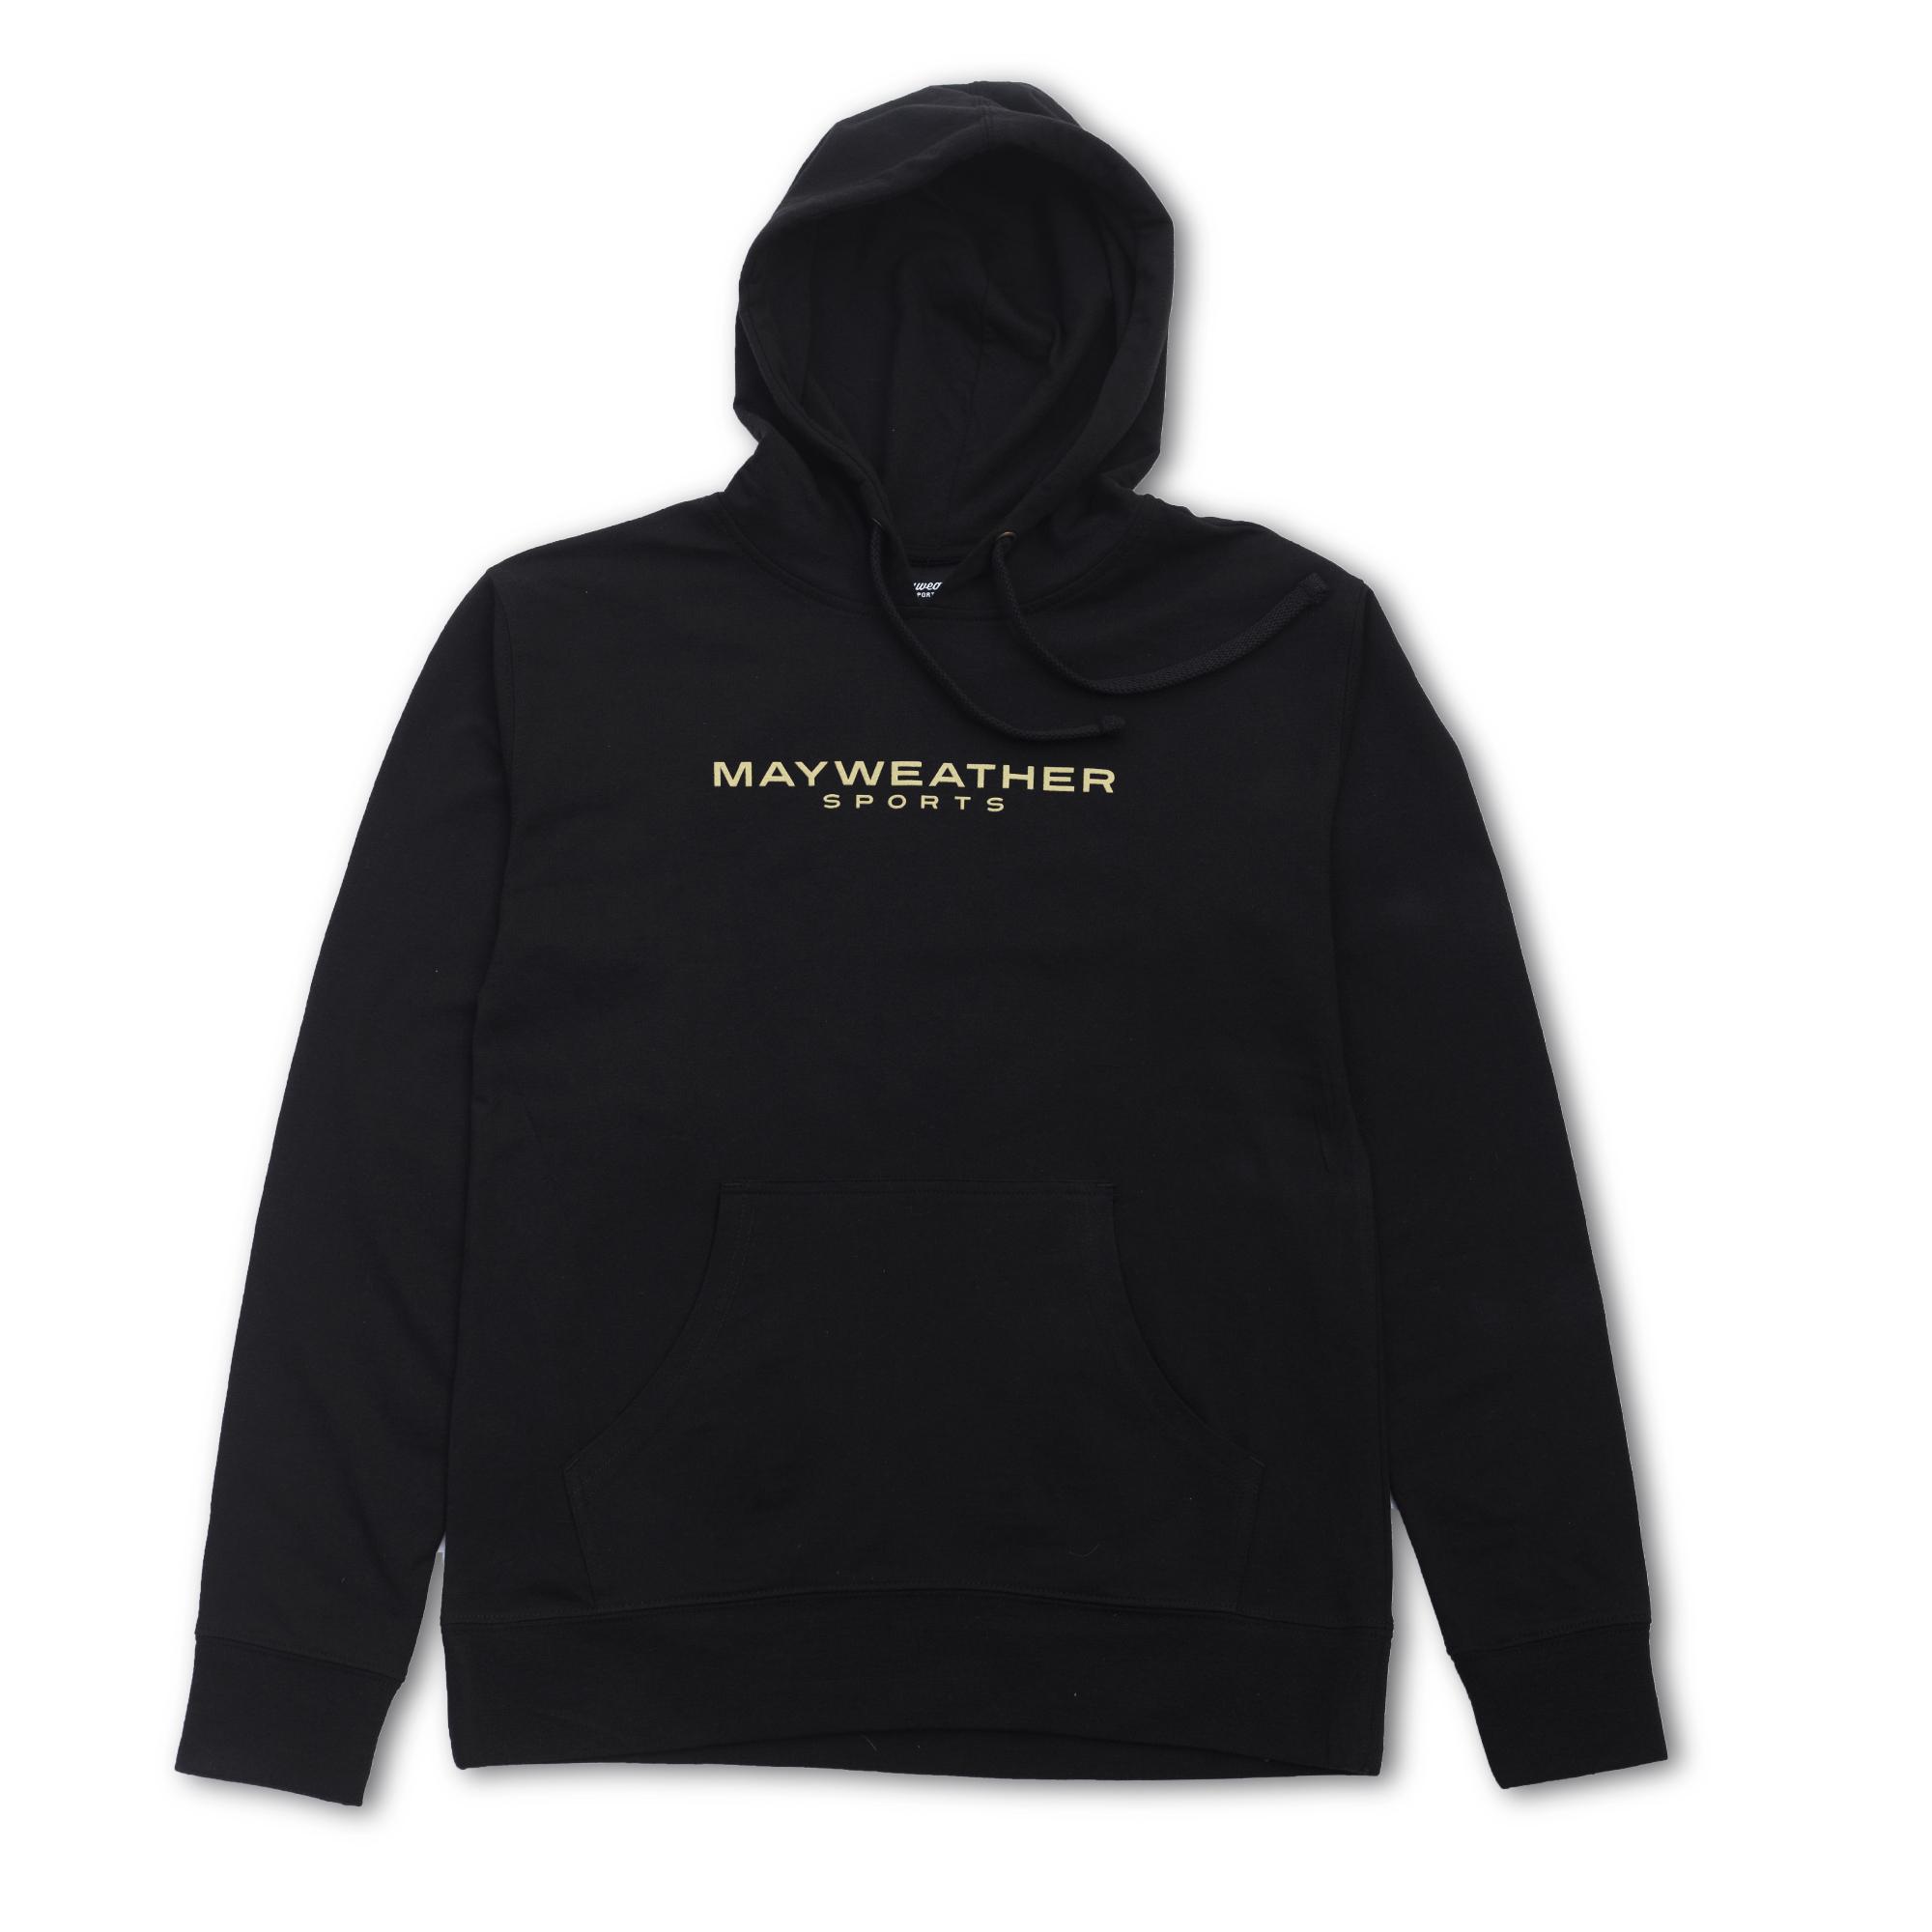 Mayweather hoodie